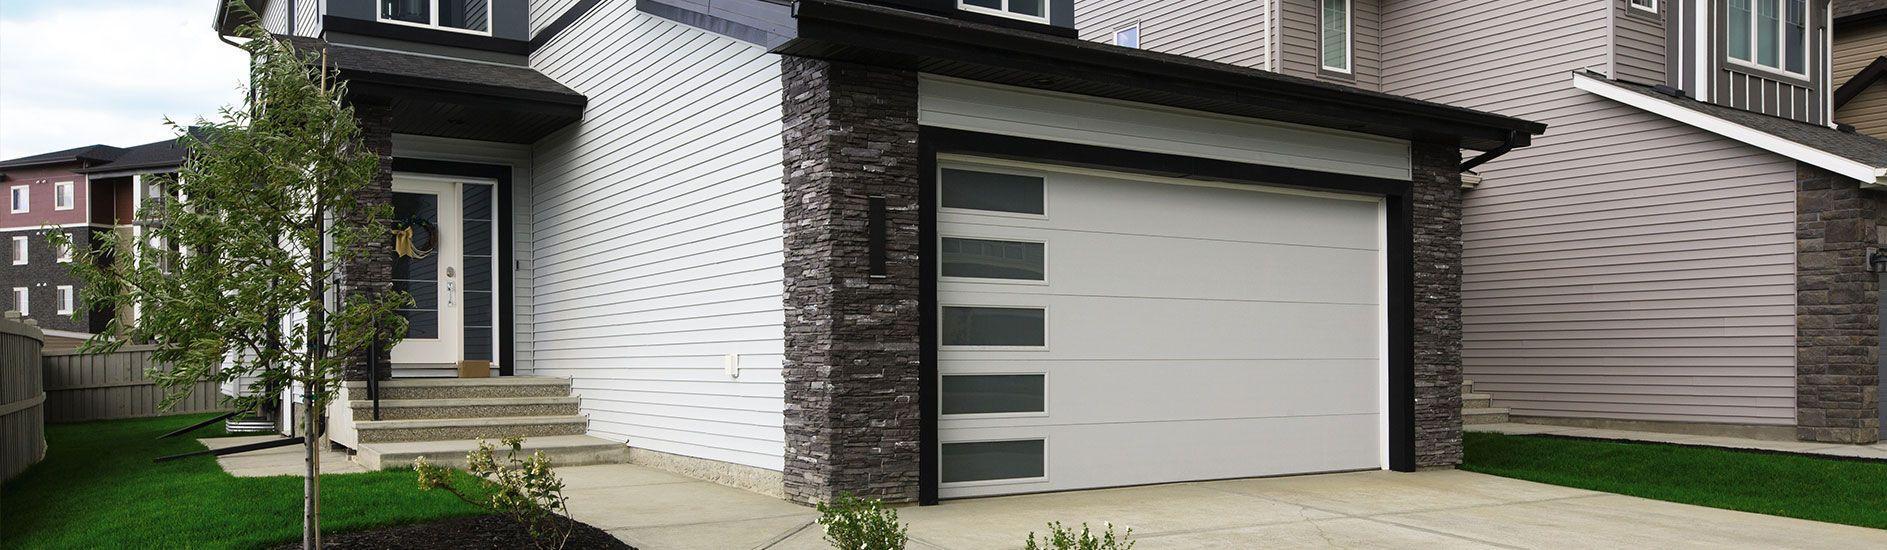 Steel-garage-door.jpeg?mtime=20200220123457#asset:16534